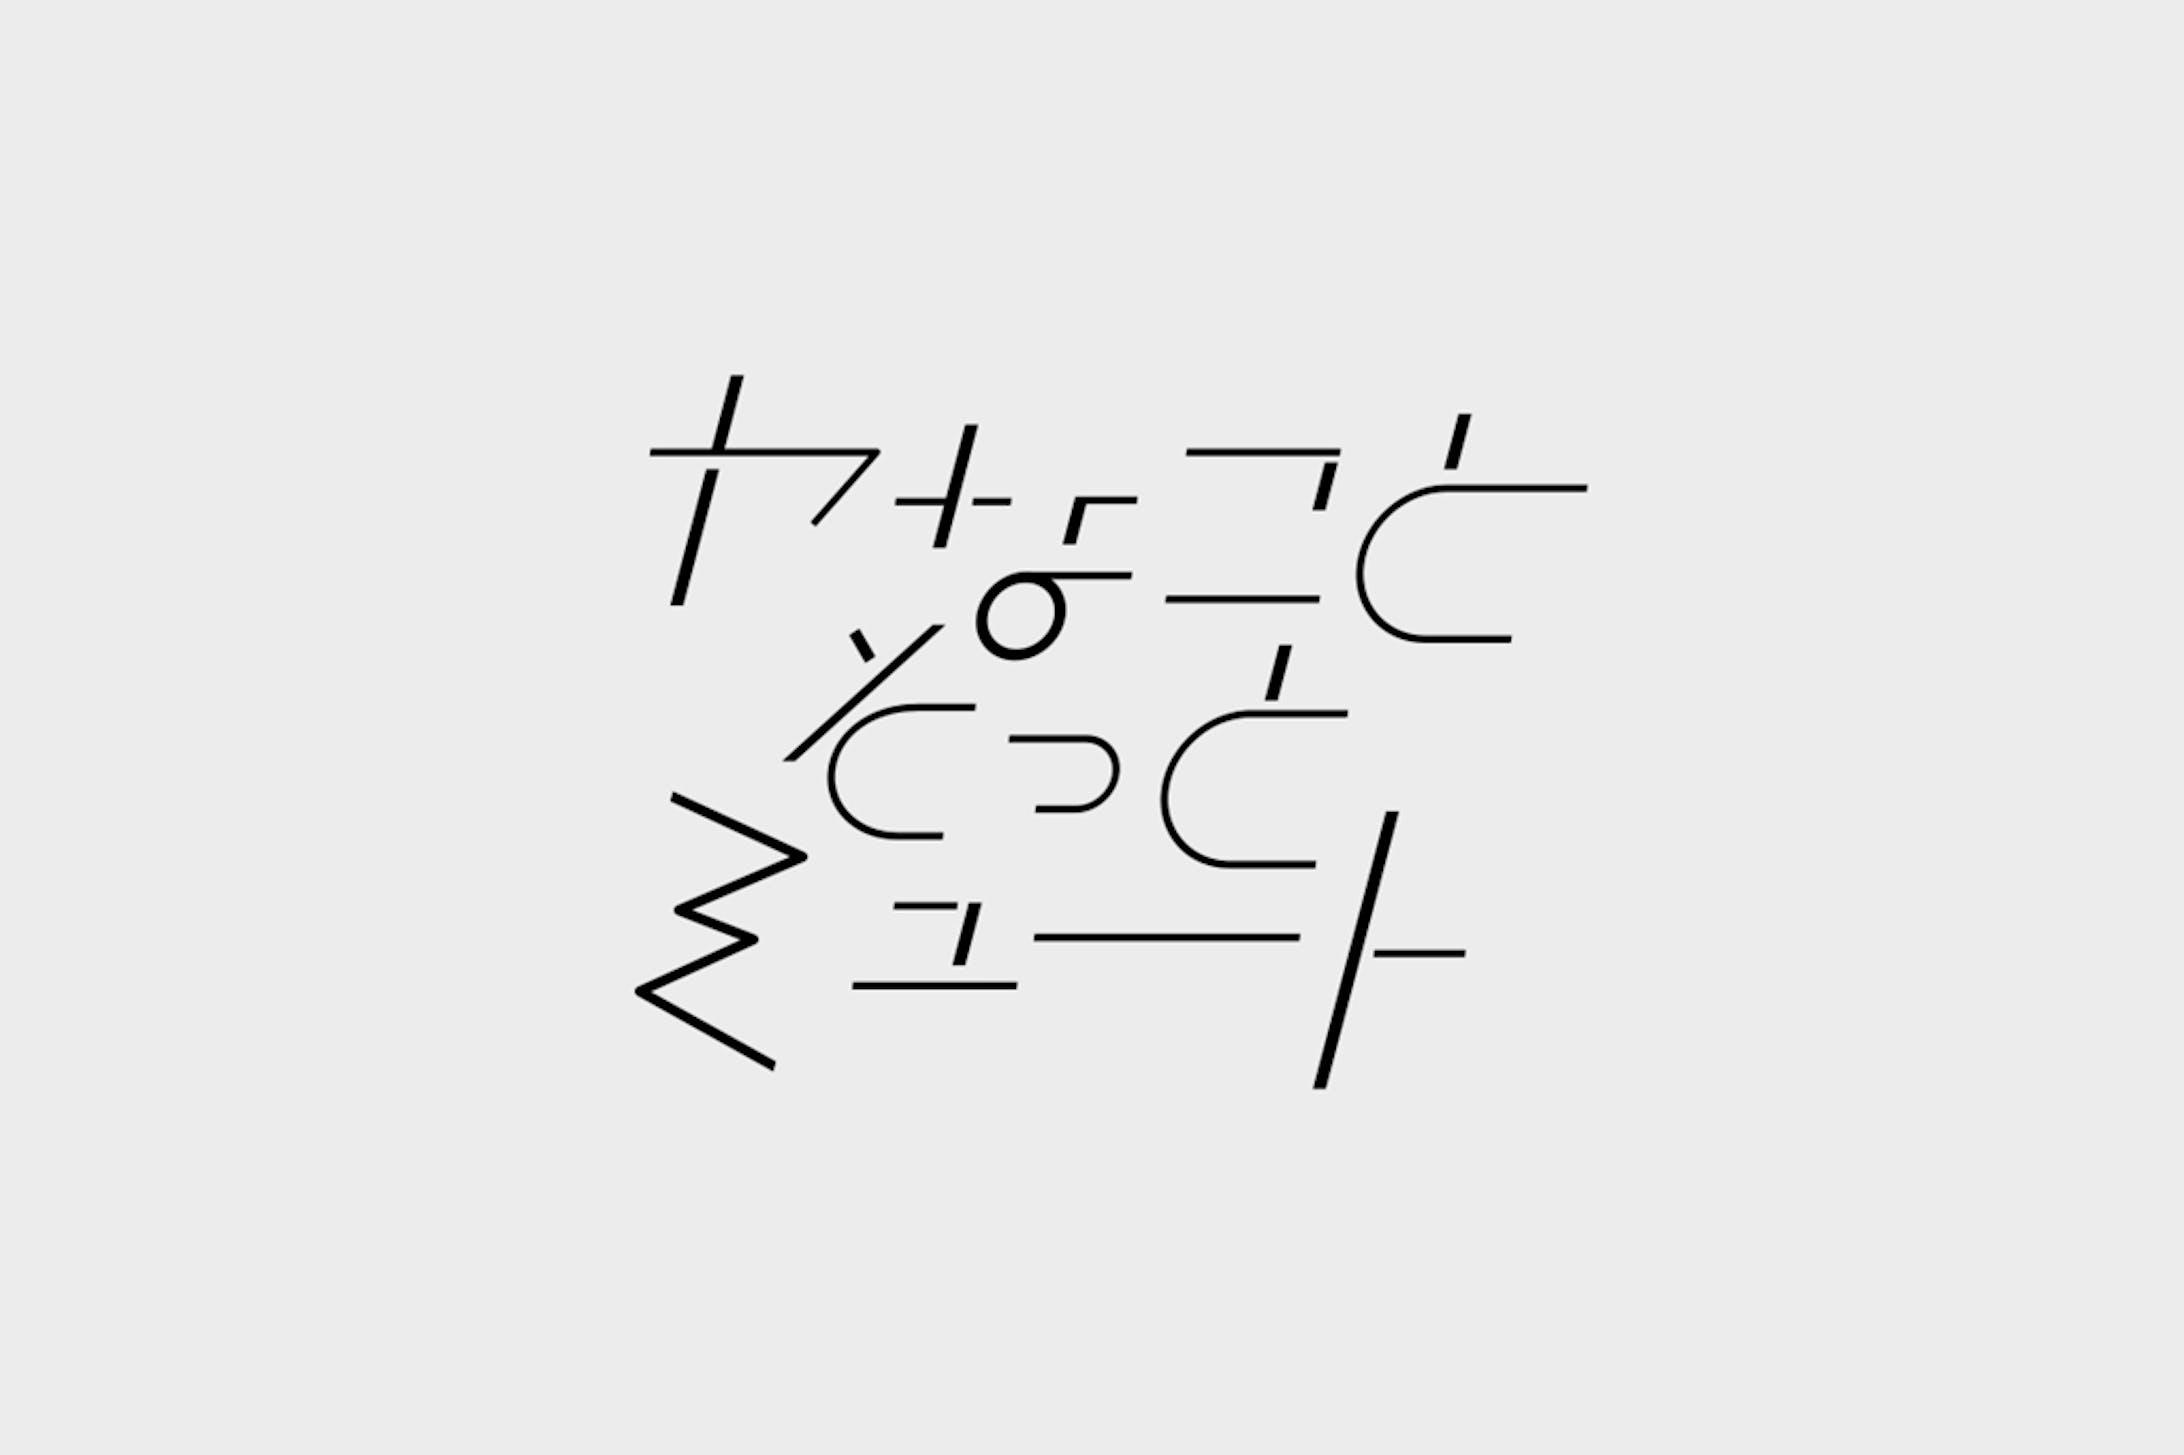 ヤなことそっとミュート ロゴ-1